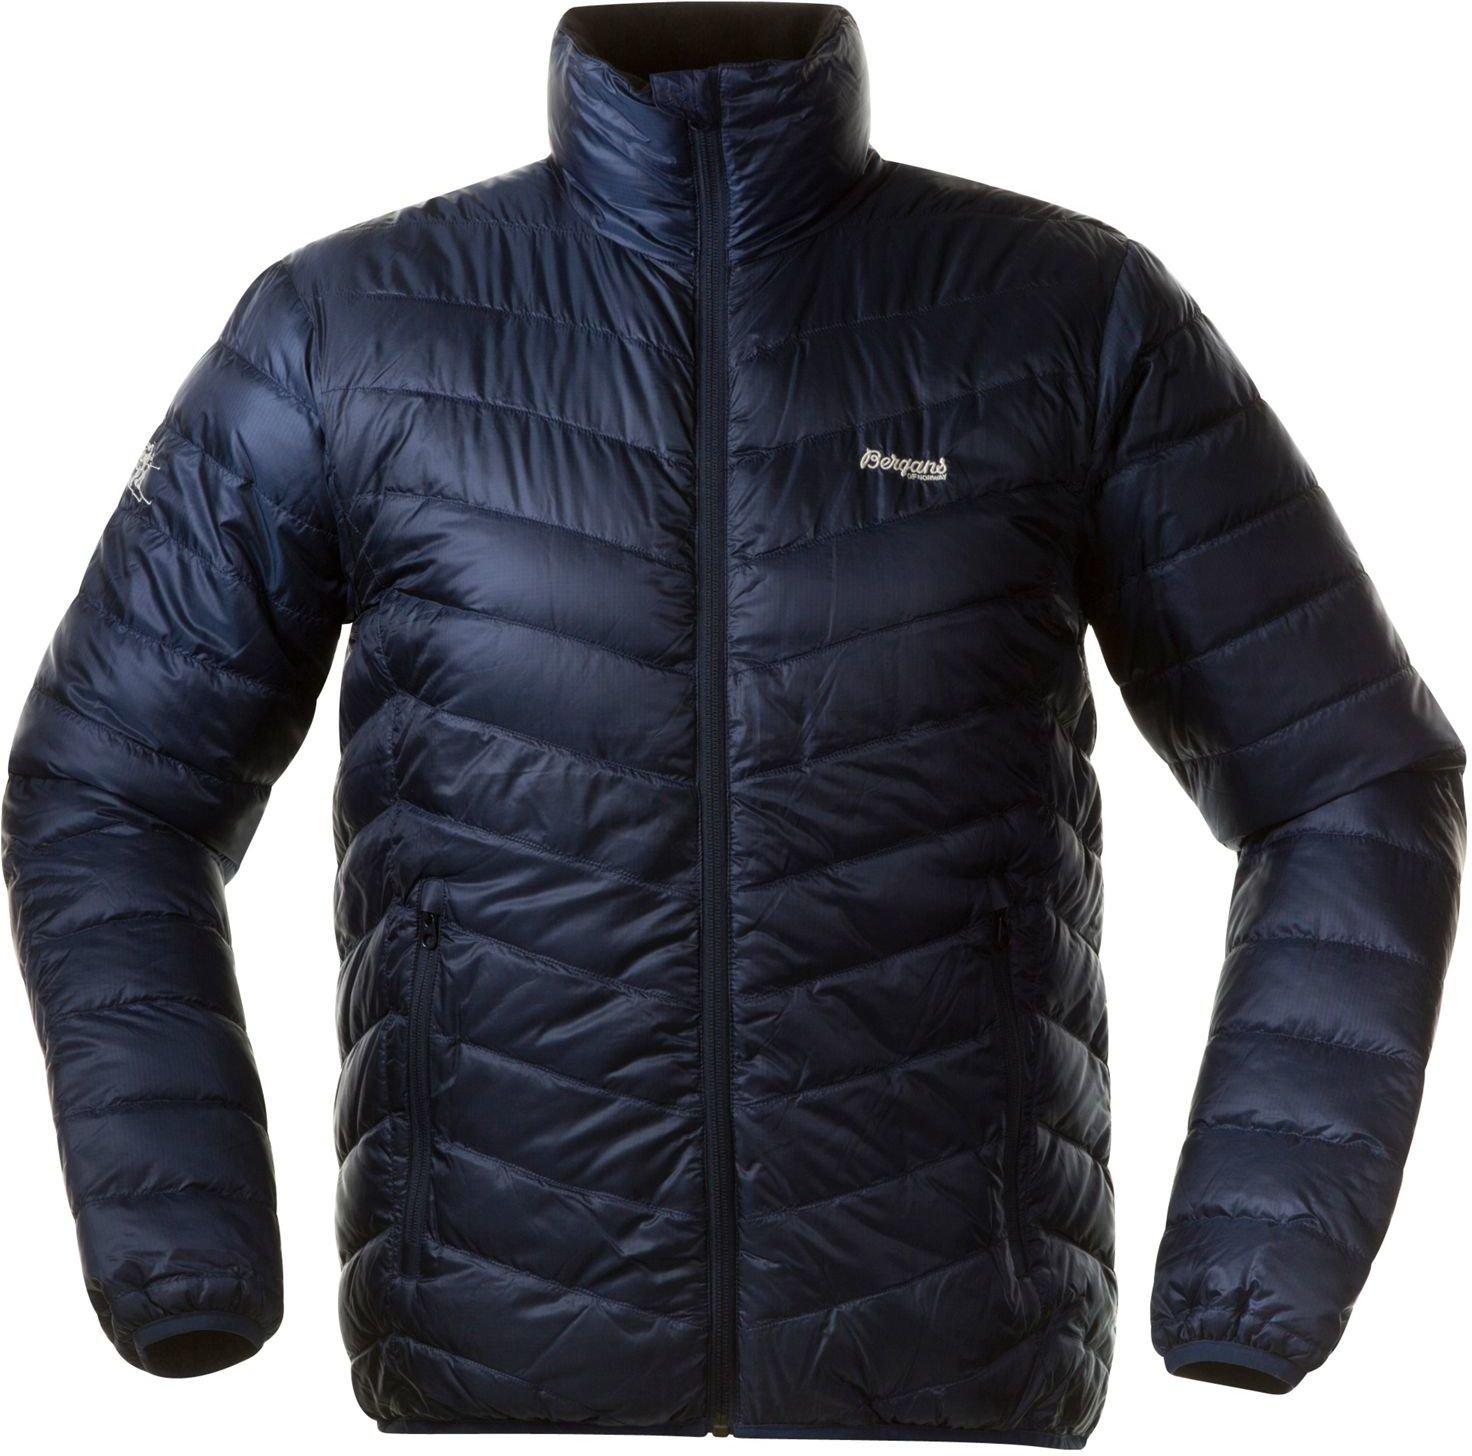 Best pris på Stormberg Strimfjord vattert jakke (Herre) Se